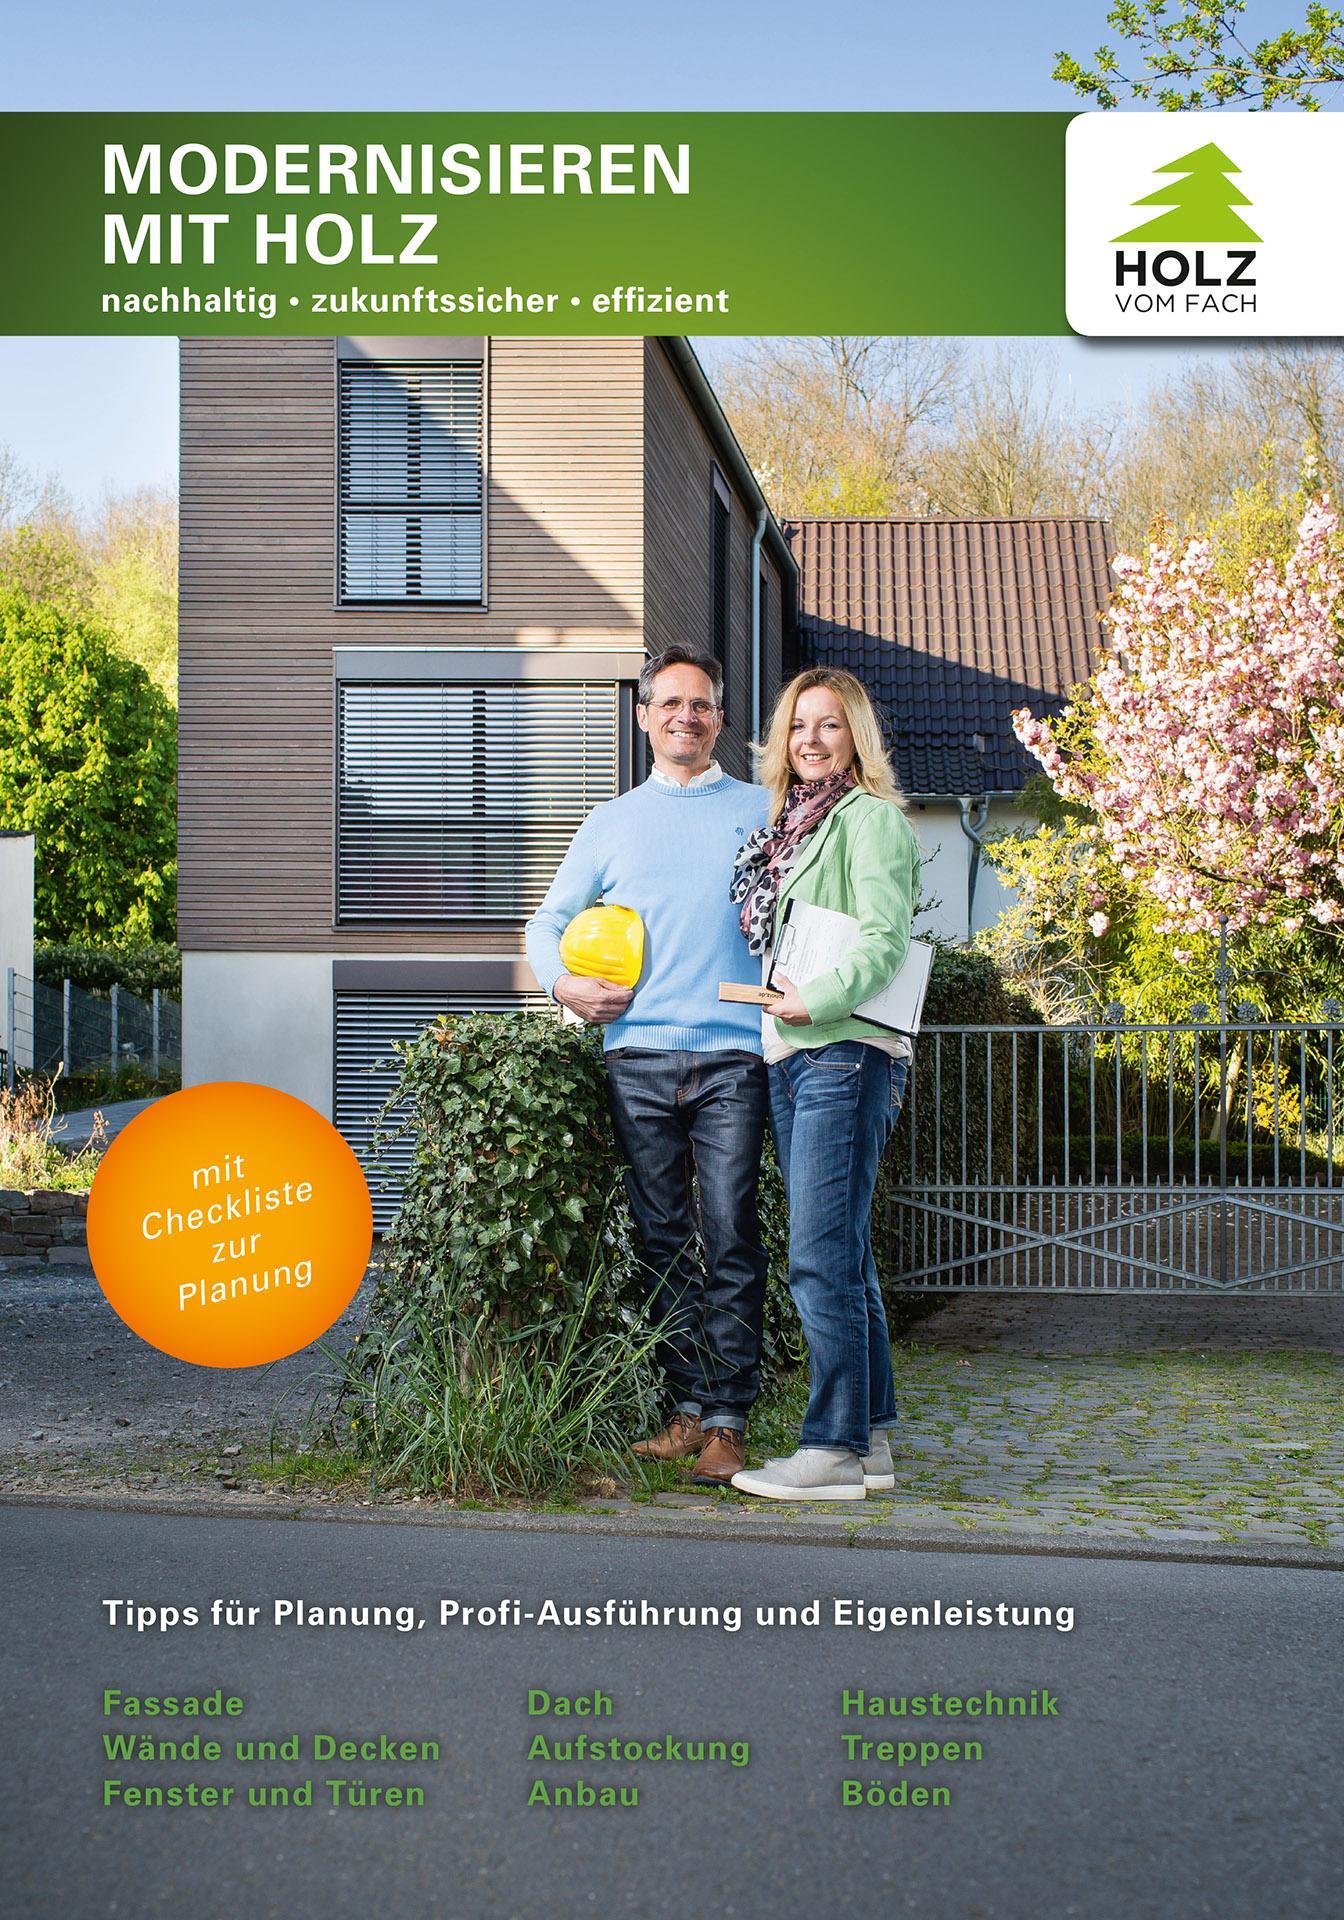 Broschüre Modernisieren mit Holz